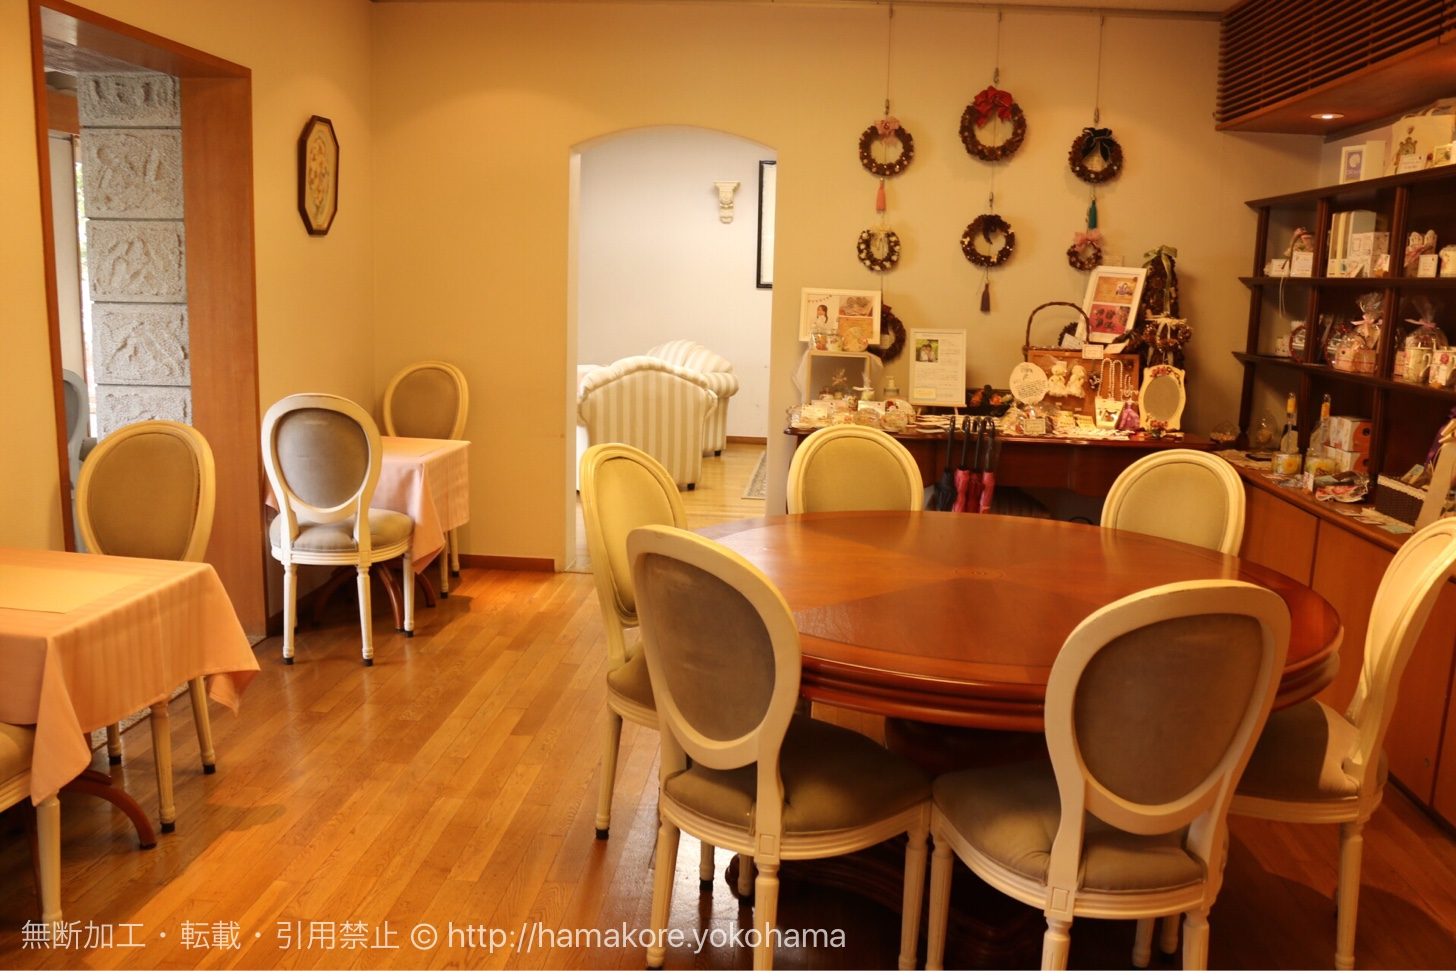 カフェ・ザ・ローズの店内席